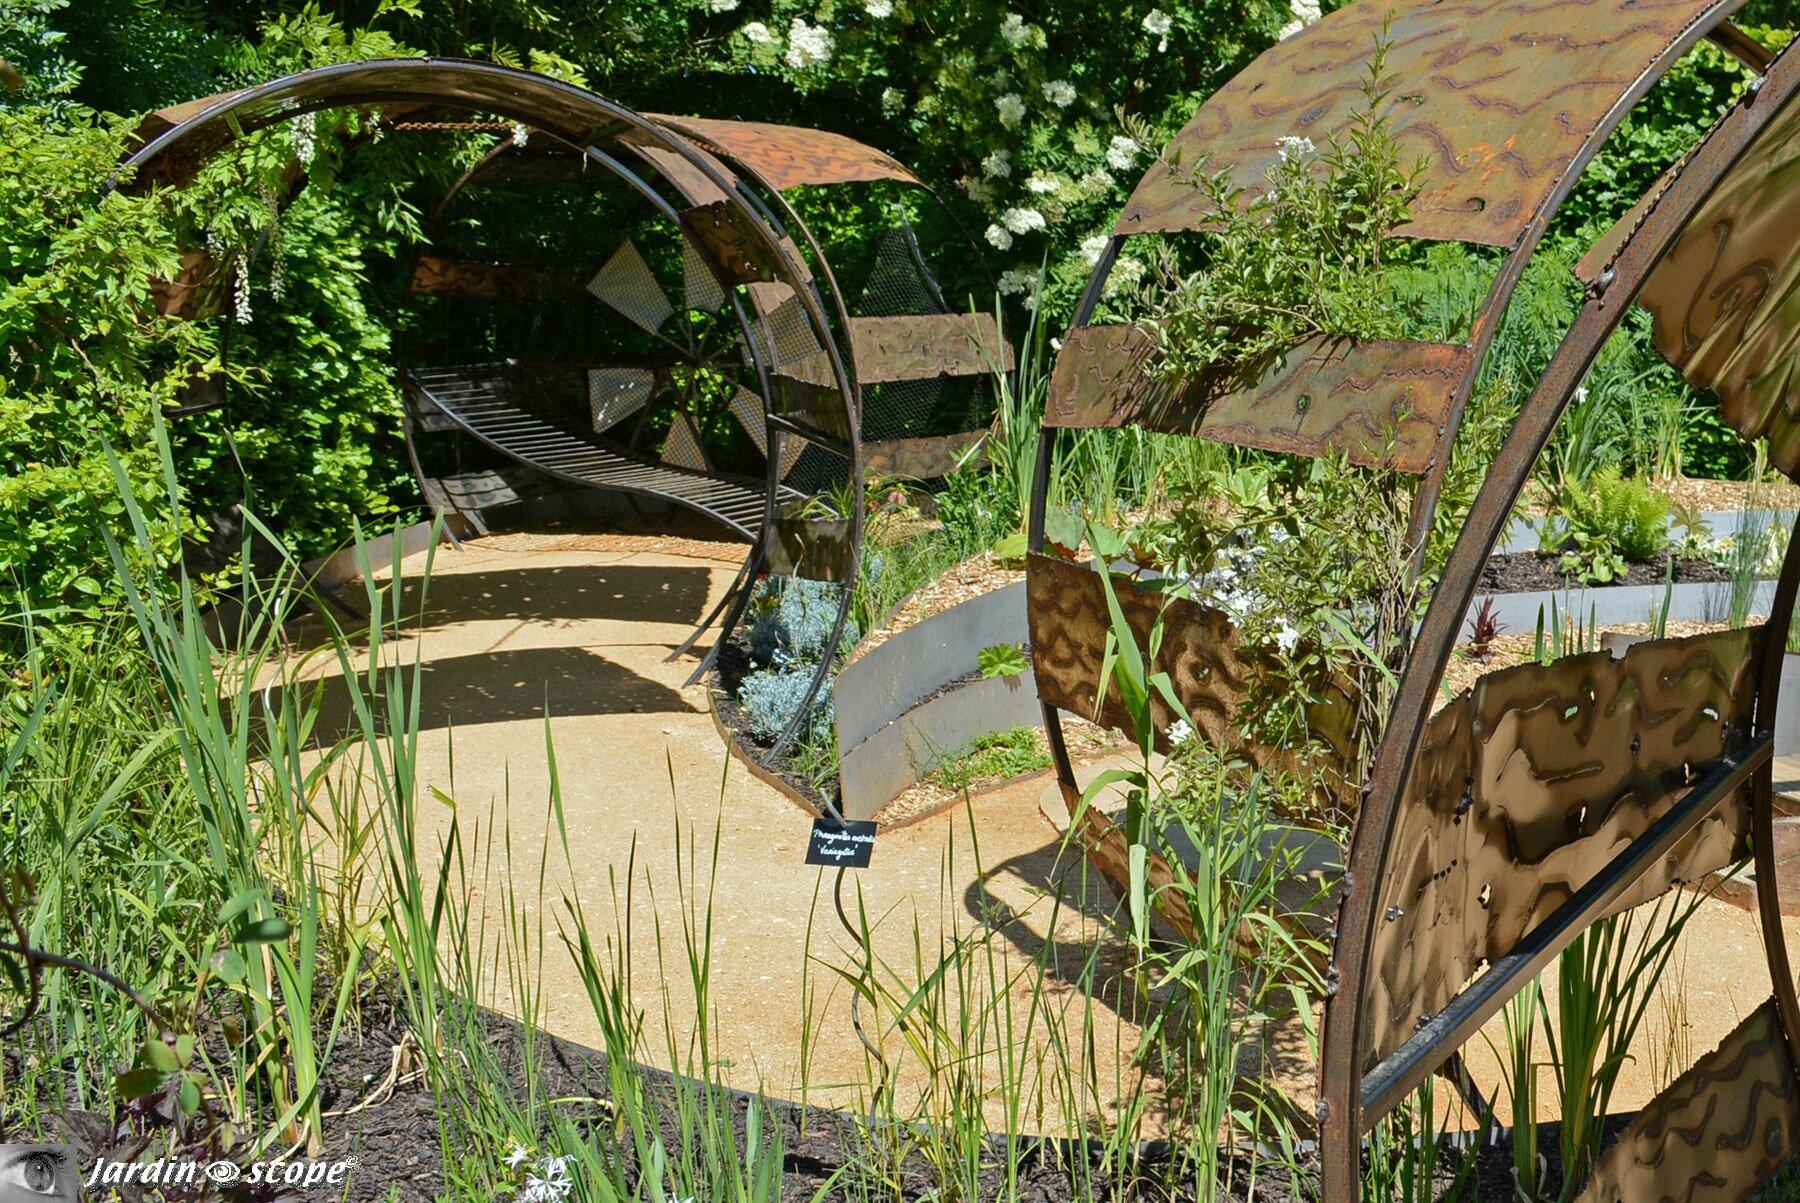 1506-Le-jardin-déchêné